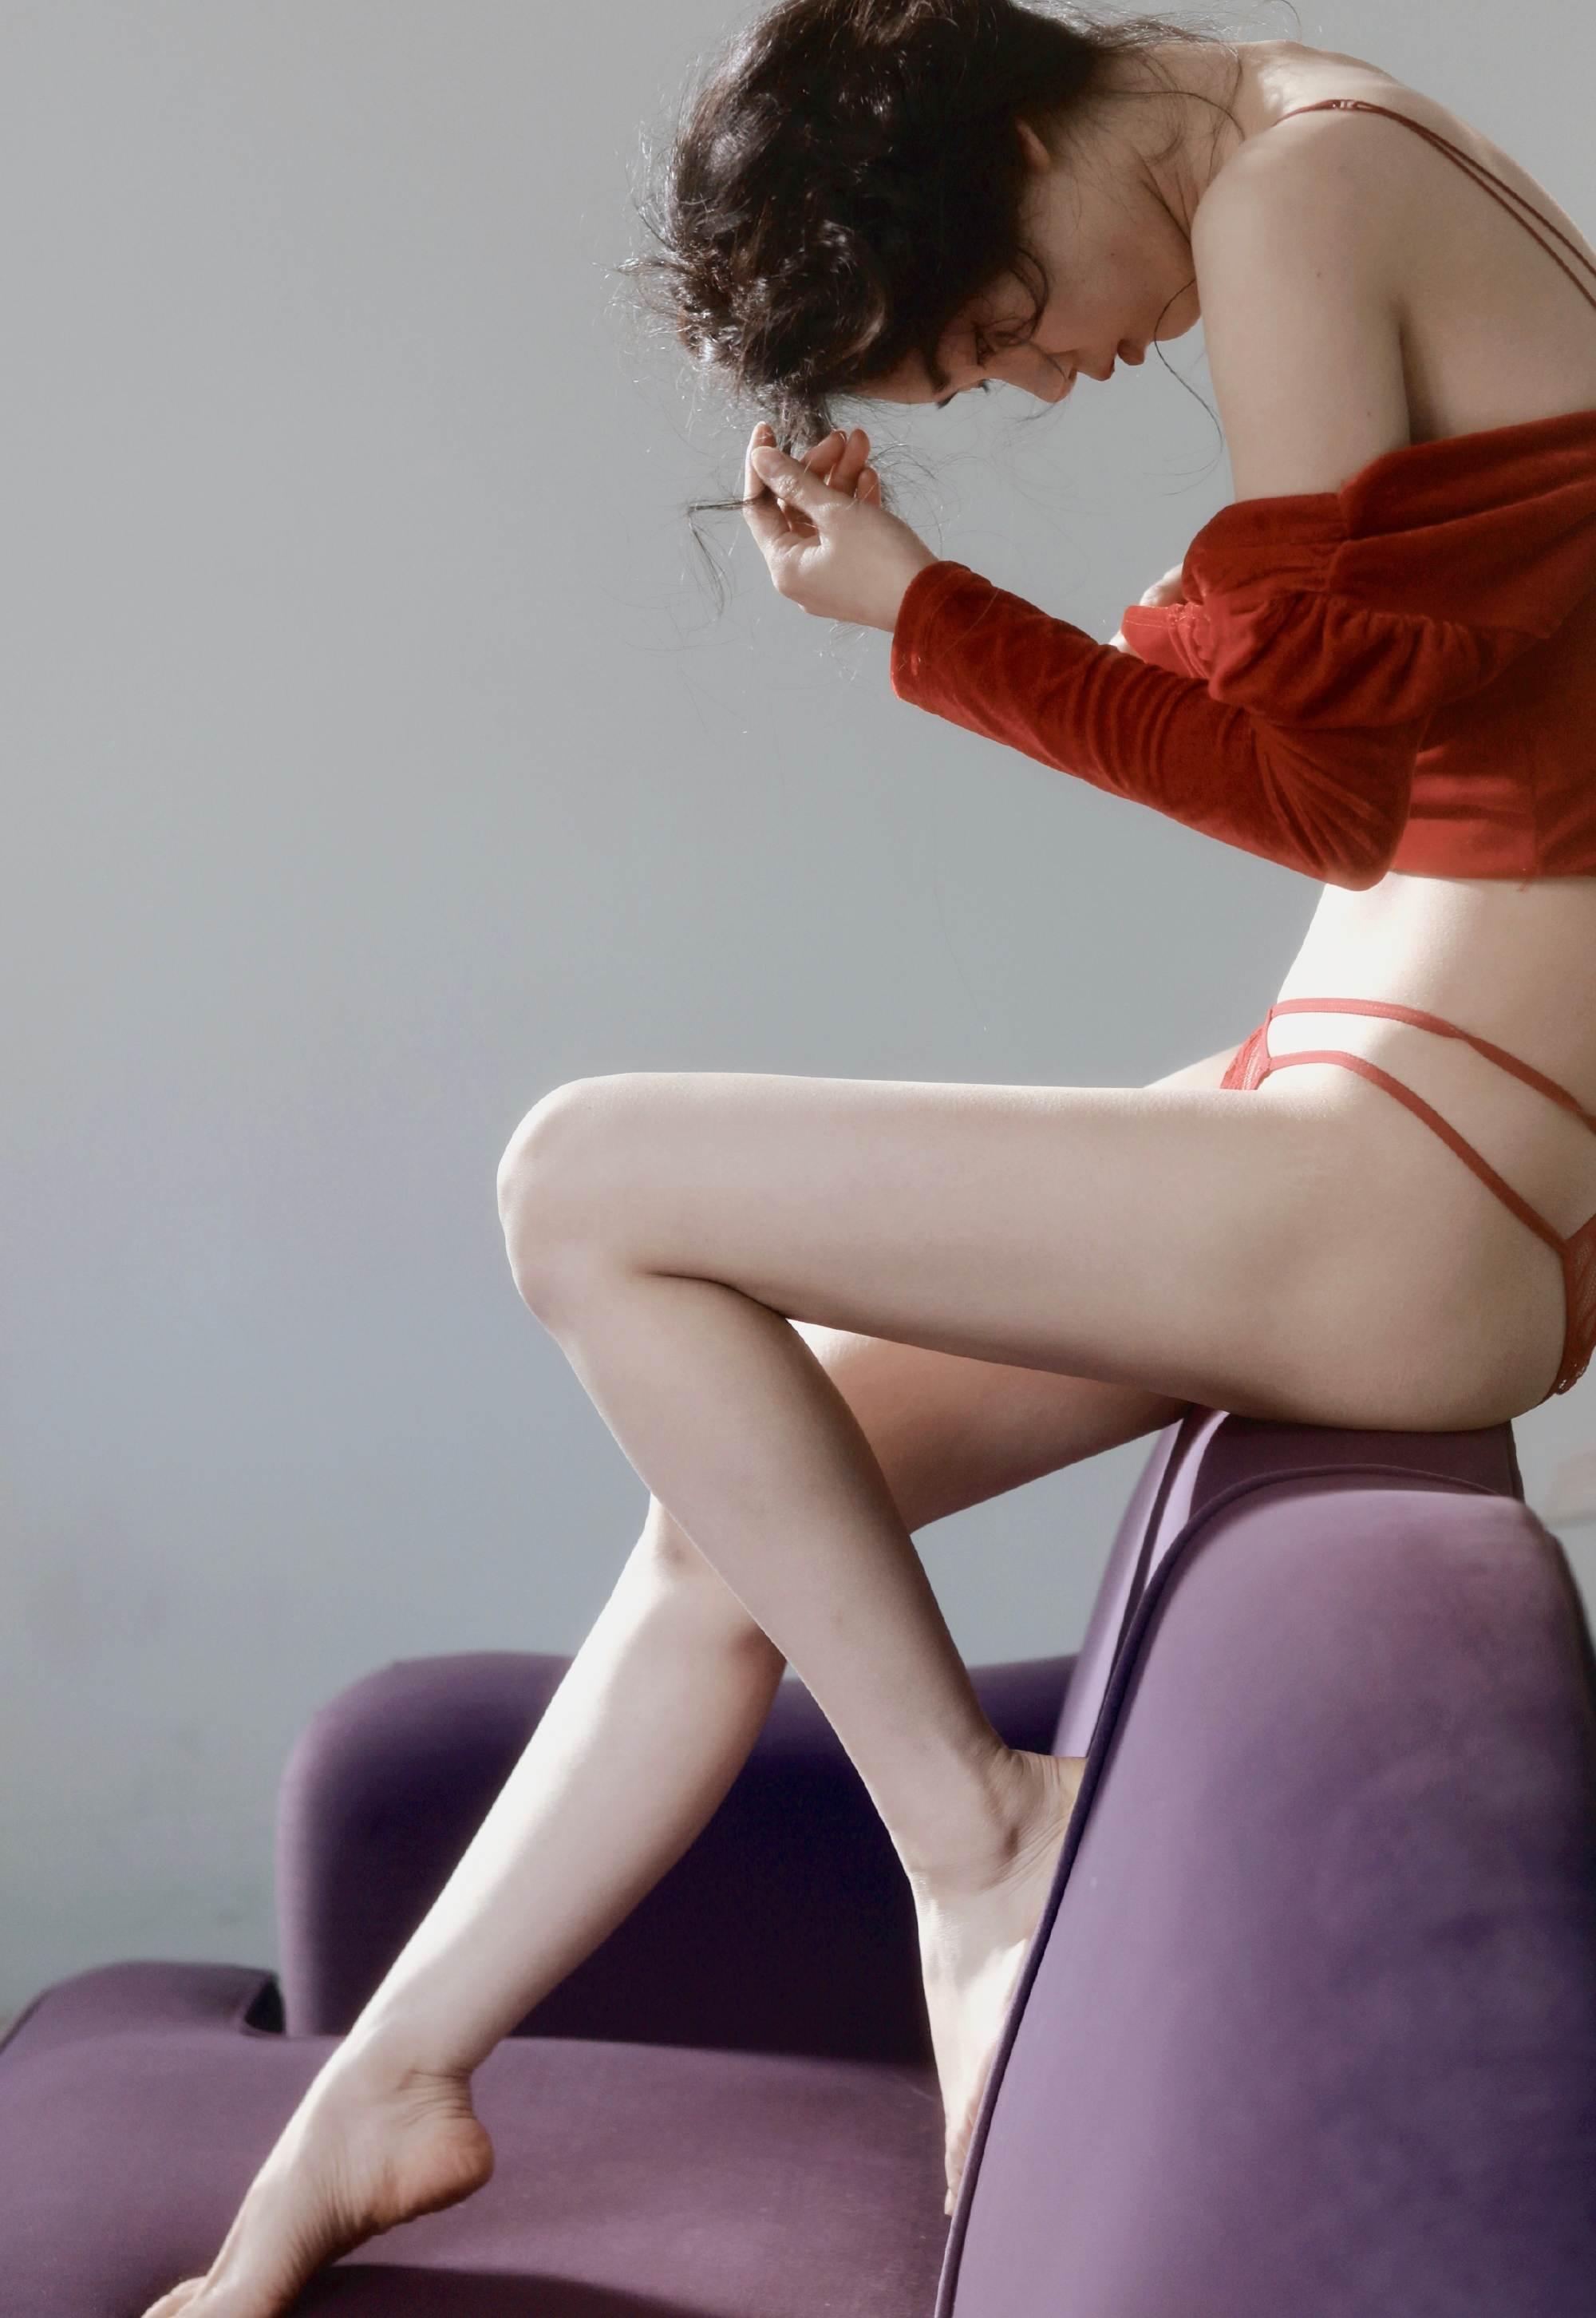 Phía sau hậu trường những bộ ảnh thời trang mãn nhãn của giới trẻ Trung Quốc - ảnh 7